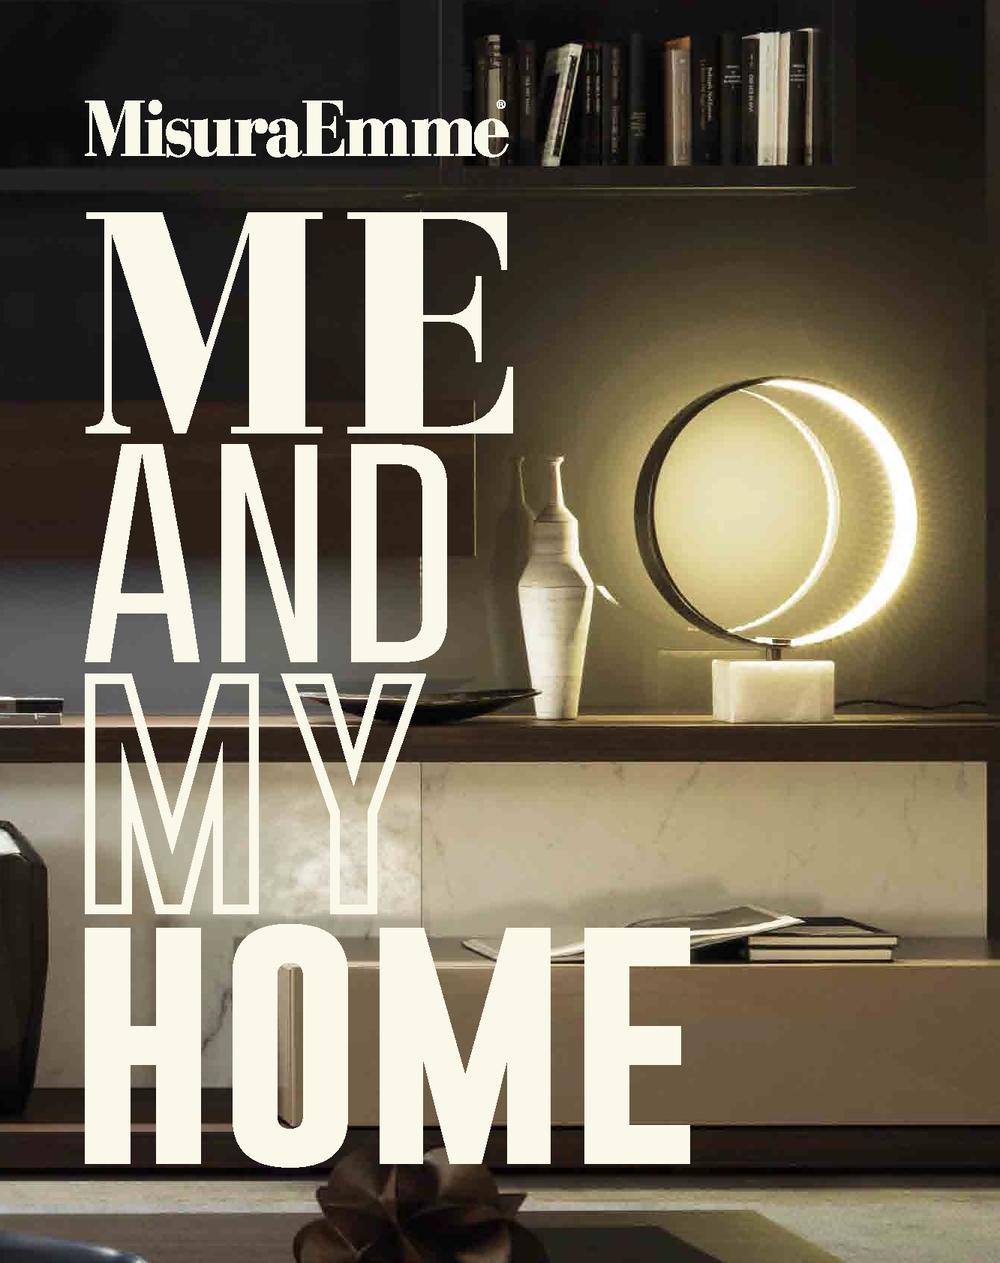 MisuraEmme 2016 Front Page.png